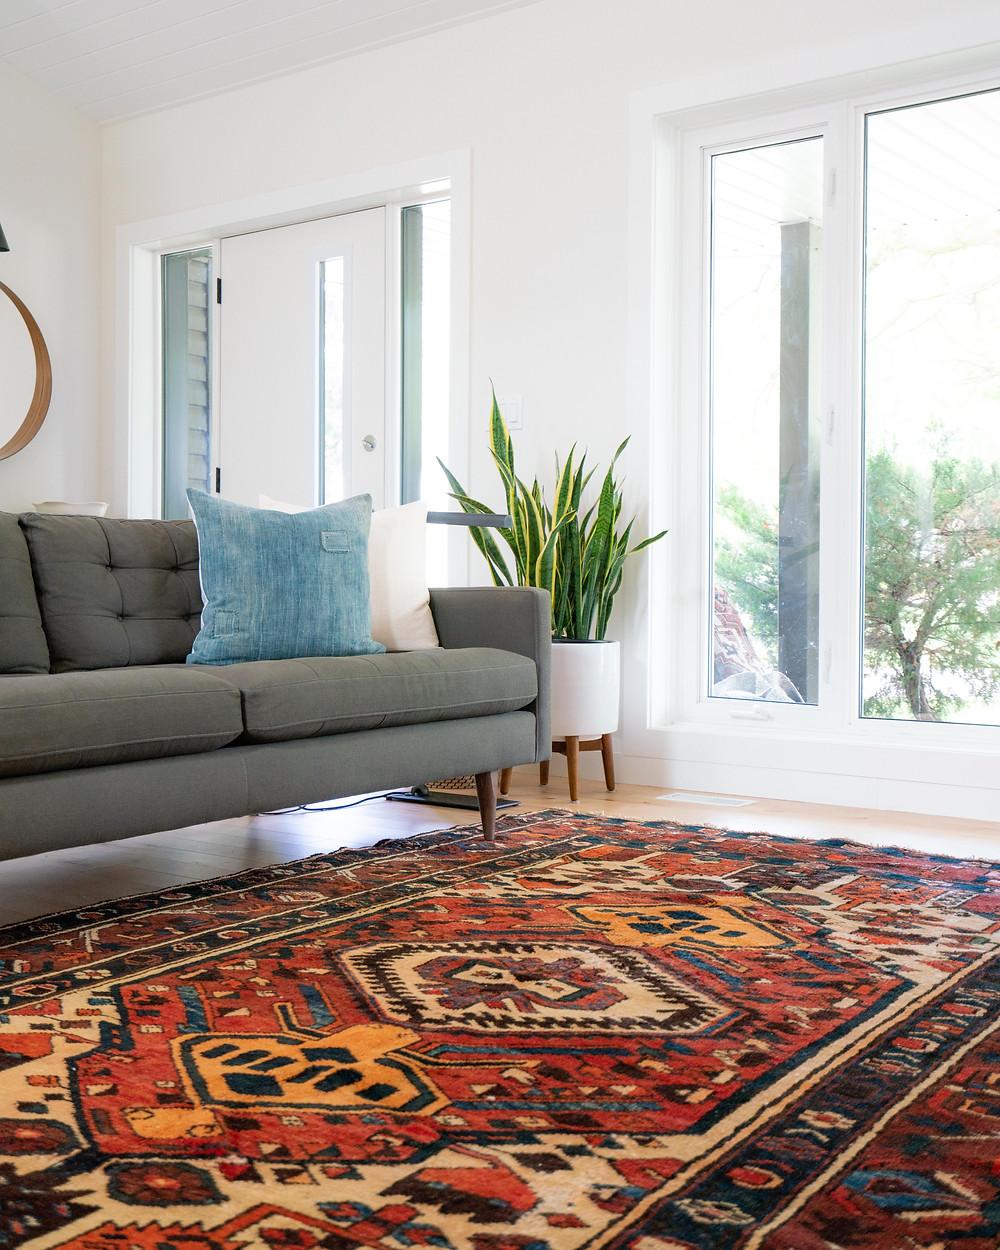 Як підібрати килим для кожної зони житла|КилимКо Хмельницький|чистка килимів|Хімчистка килмів|пральня килимів